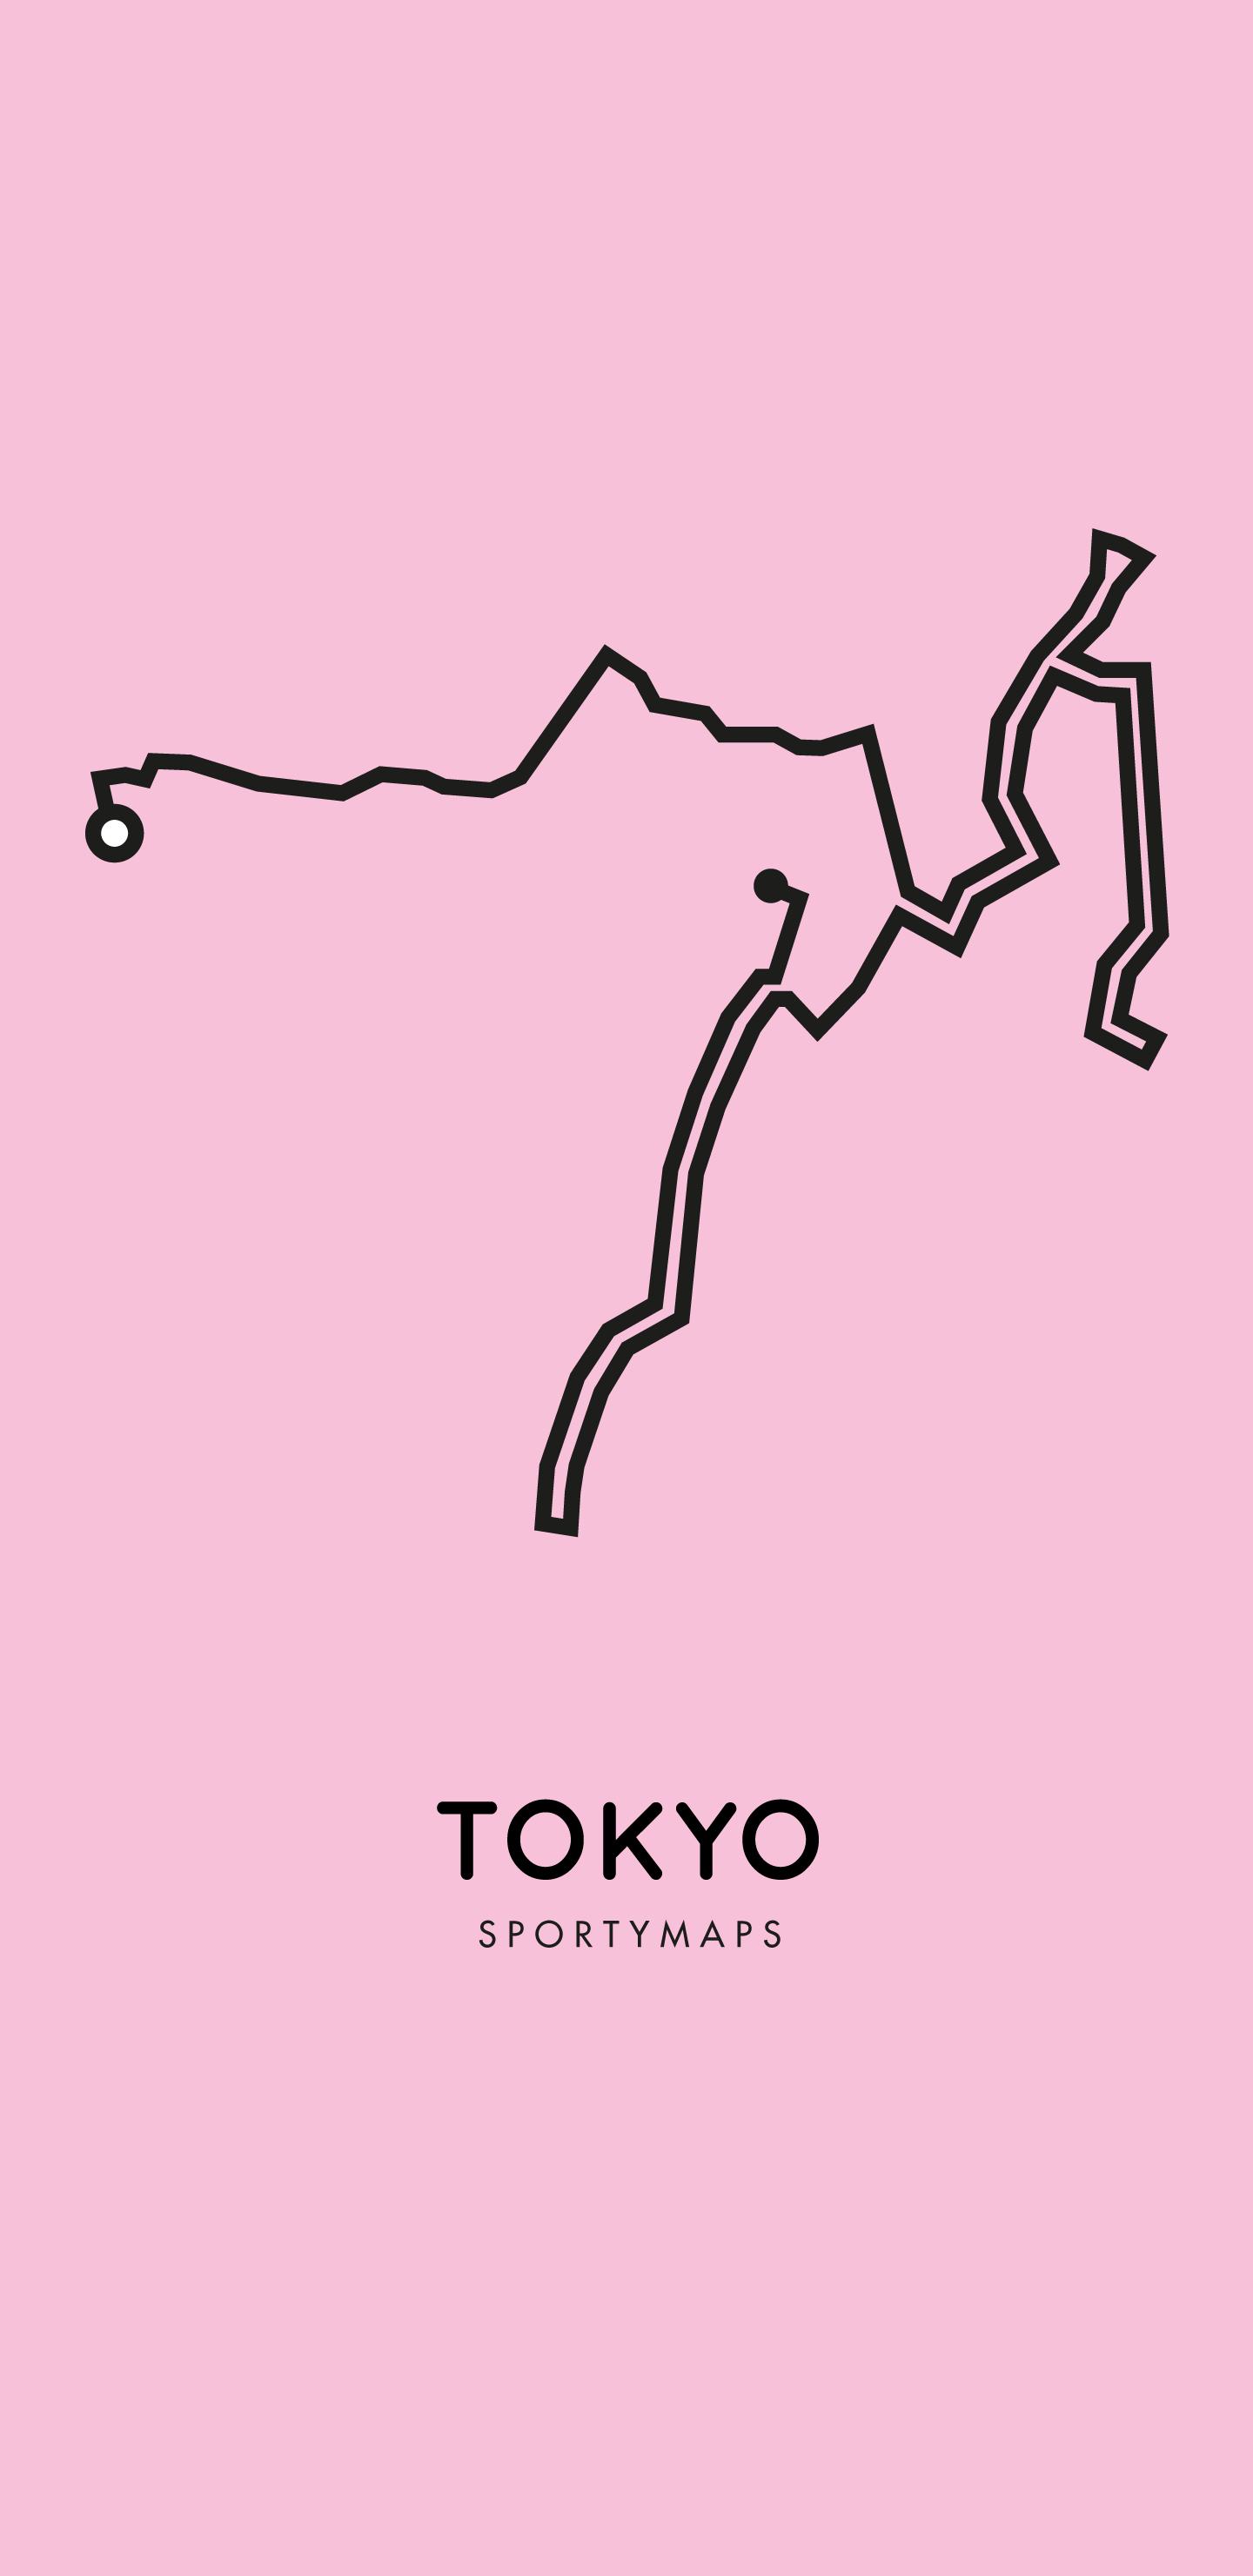 Sportymaps-Tokyo-marathon-pink